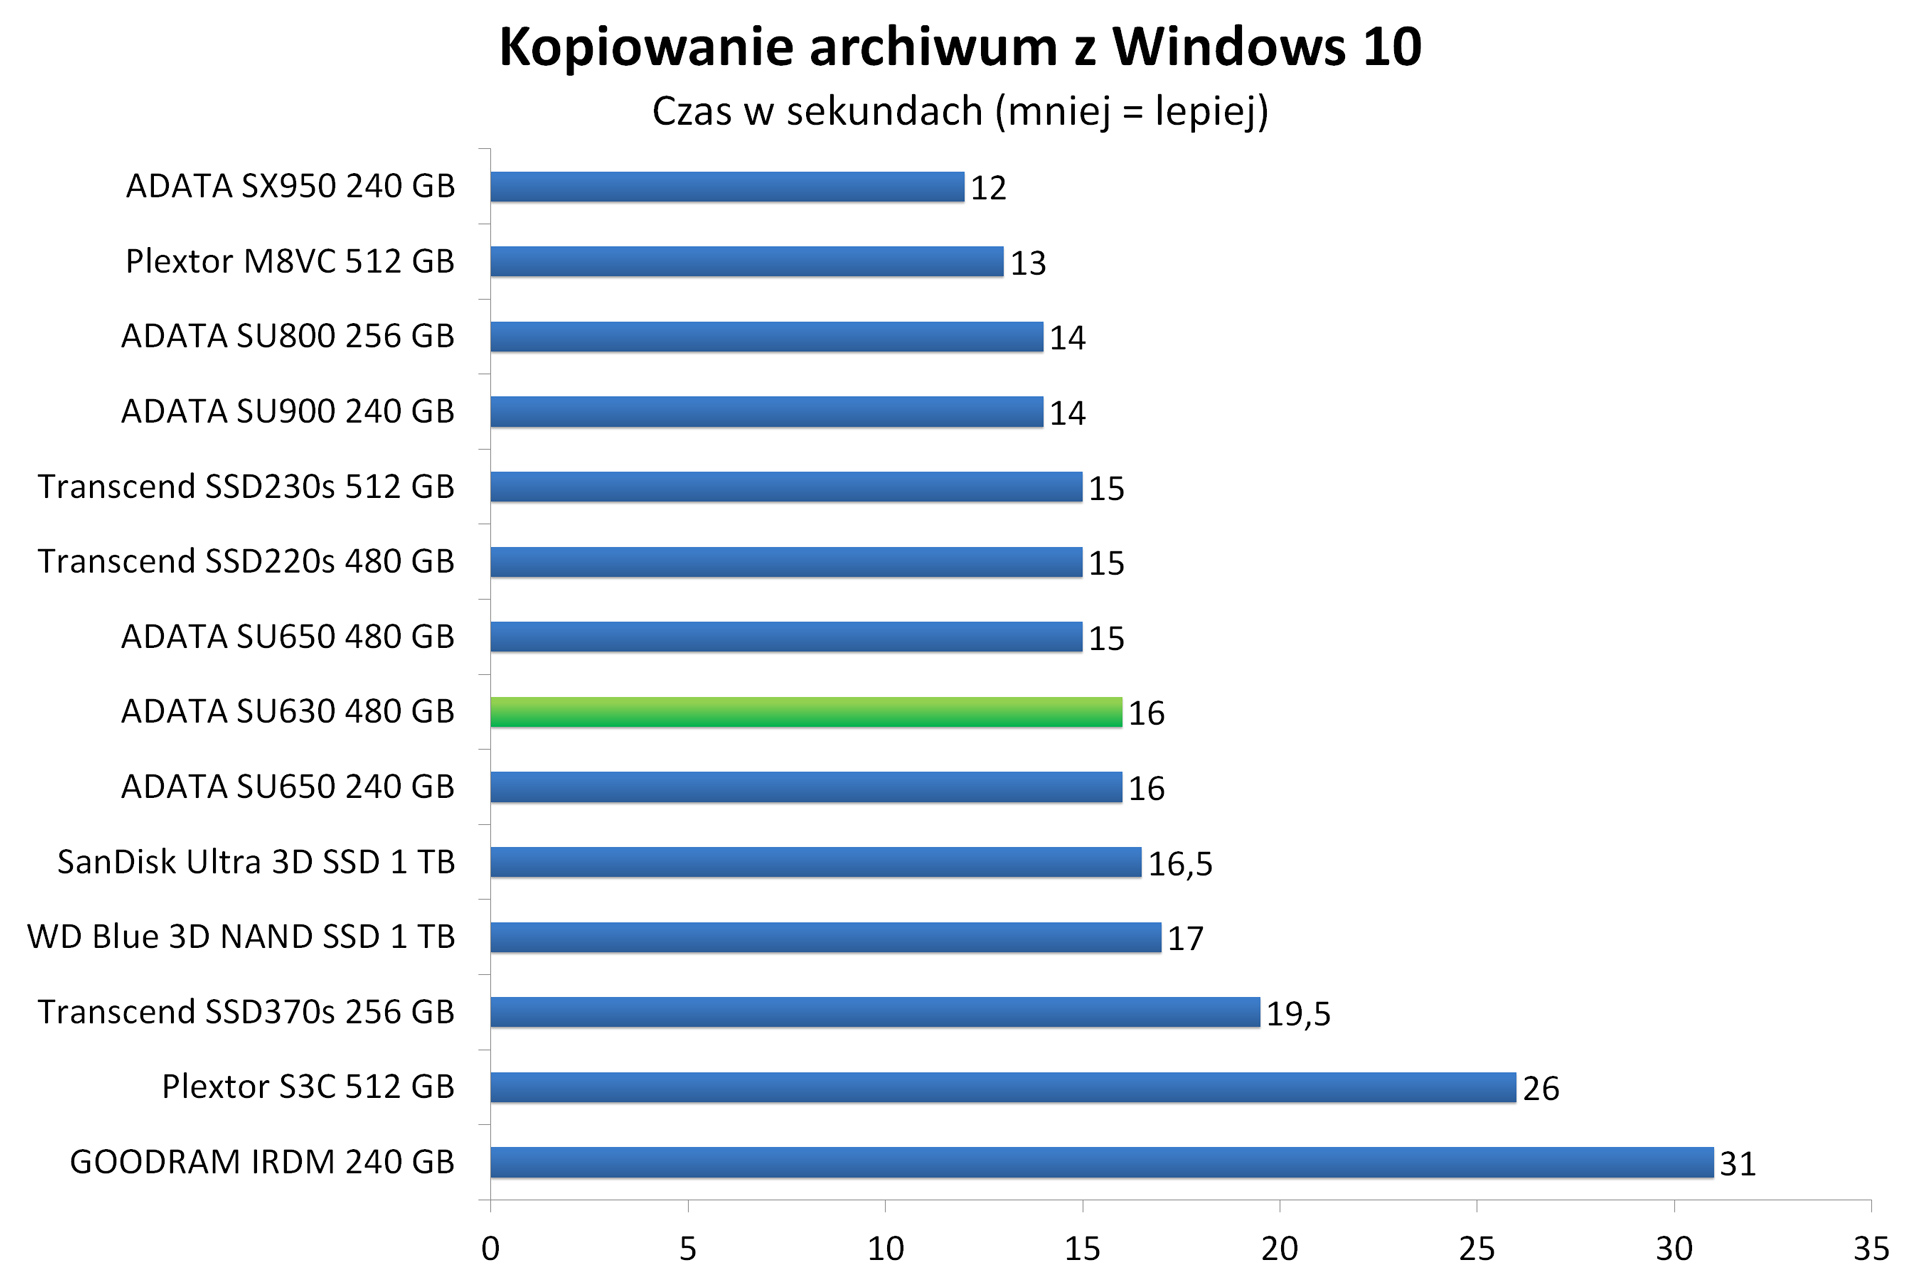 ADATA SU630 480 GB - Kopiowanie spakowanego obrazu Windows 10 w7-zip